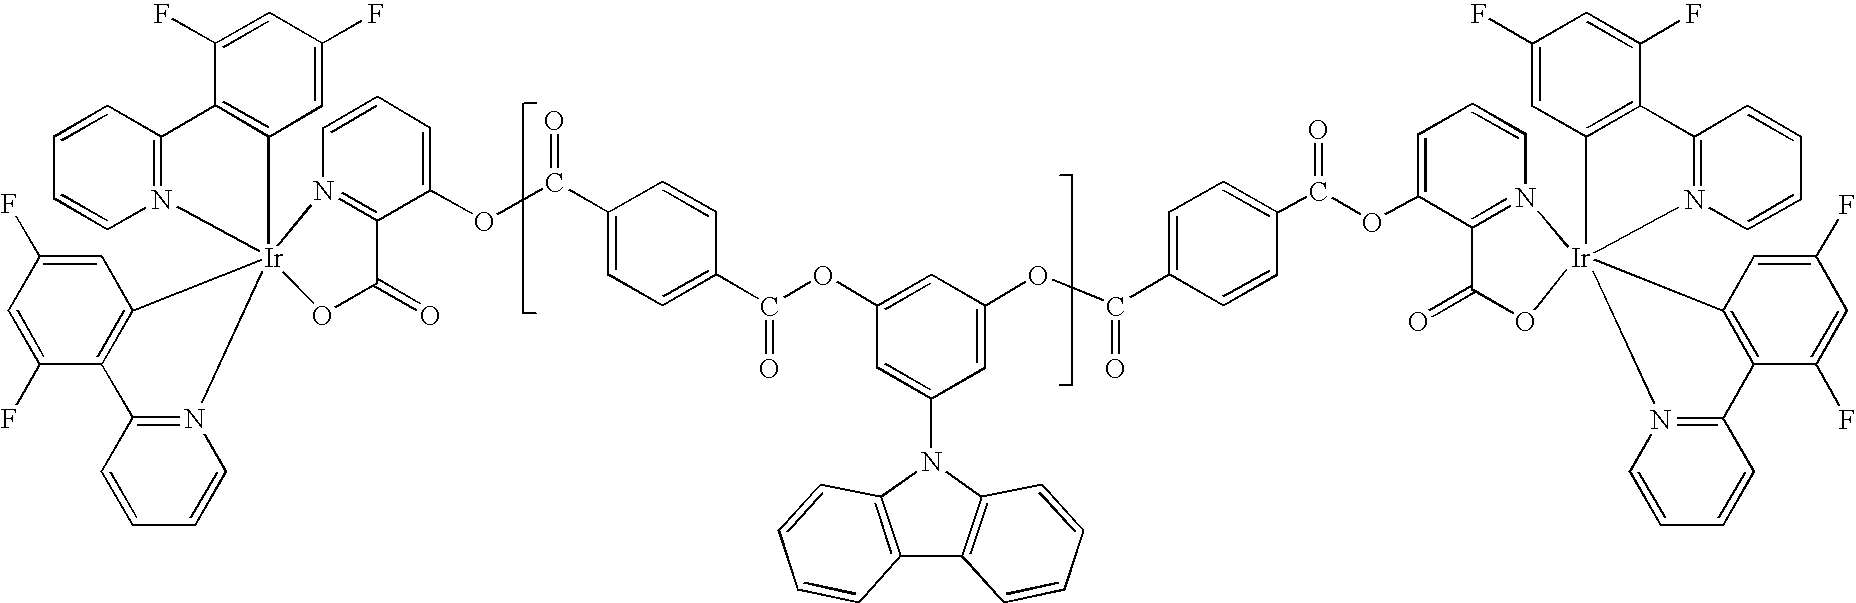 Figure US07851579-20101214-C00023